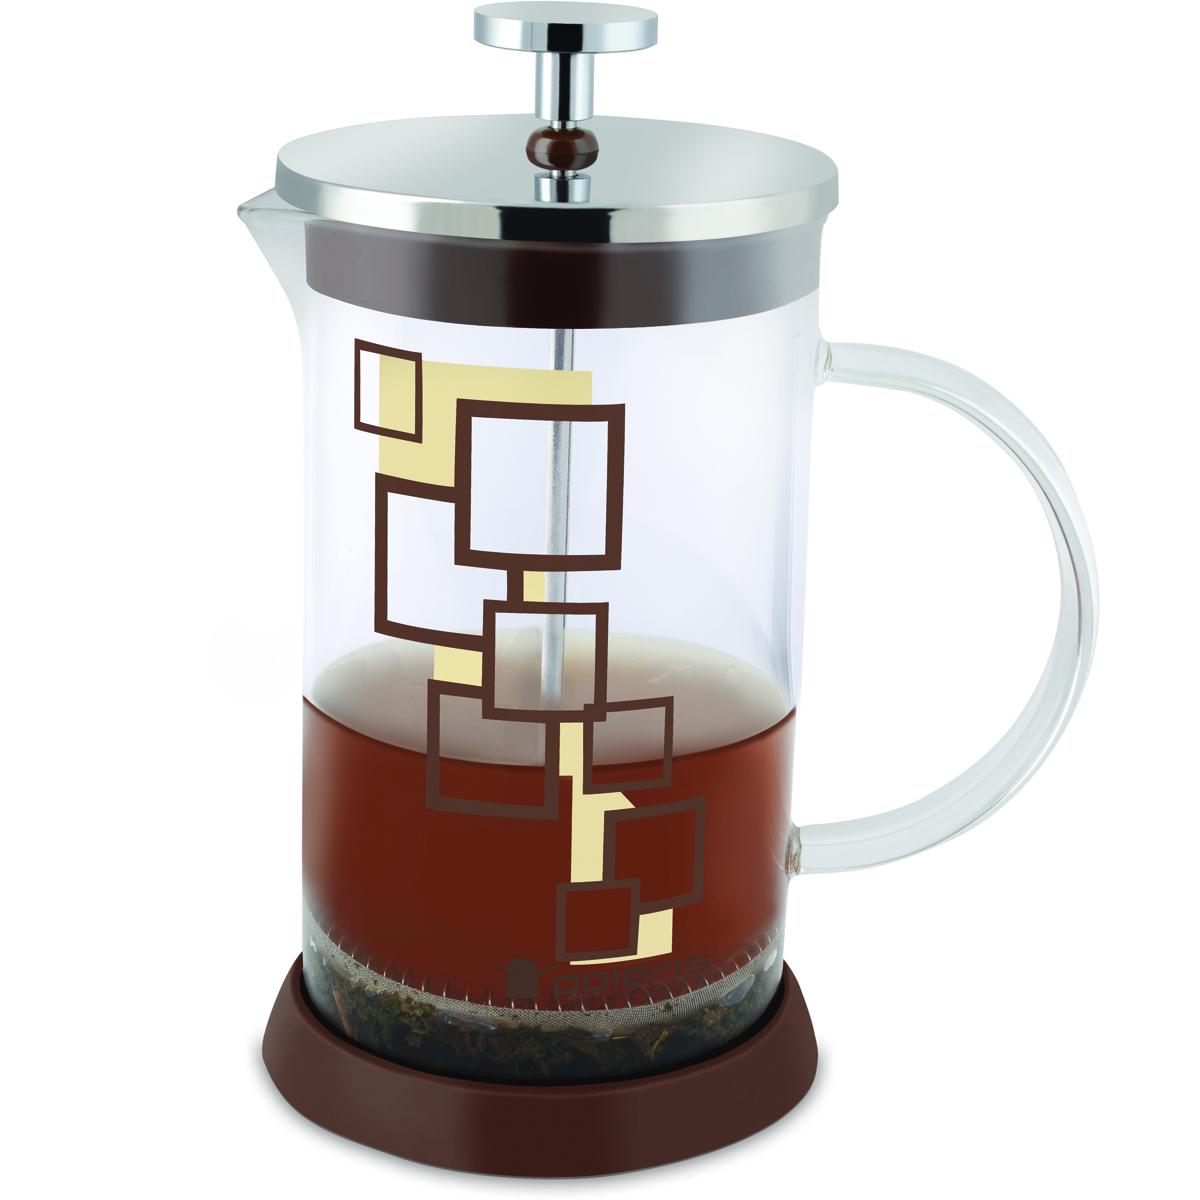 Френч-пресс Polaris Pixel-350FP, 350 млPixel-350FPЭксклюзивный дизайн. Френч-пресс Polaris Pixel подходит для заваривания кофе и чая.Колба изготовлена из жаропрочного стекла. Эргономичный поршень с фильтром выполнен из нержавеющей стали 18/10. Подставка из высококачественного силикона для удобства использования.